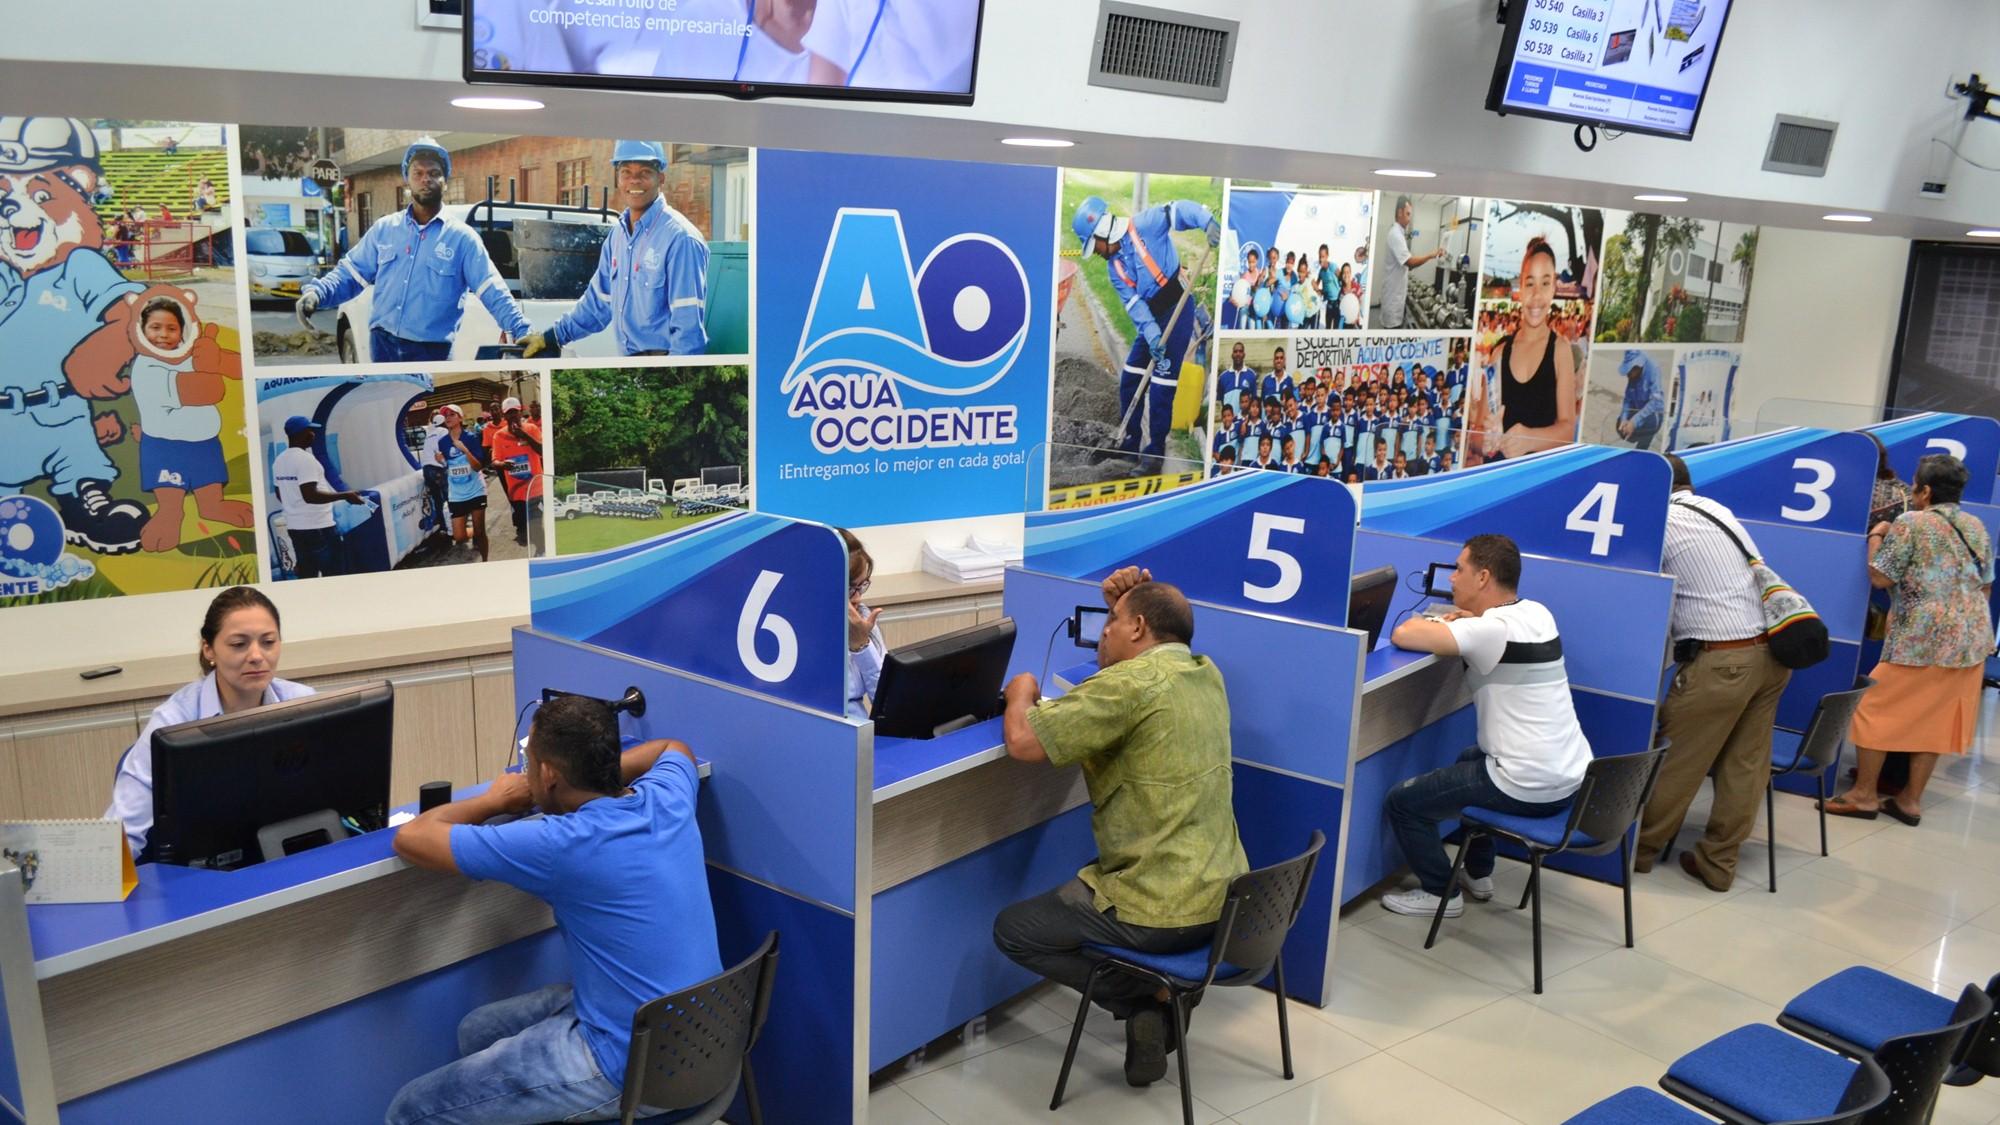 Imagen de lo atendimiento a lo consumidor de Aquaoccidente